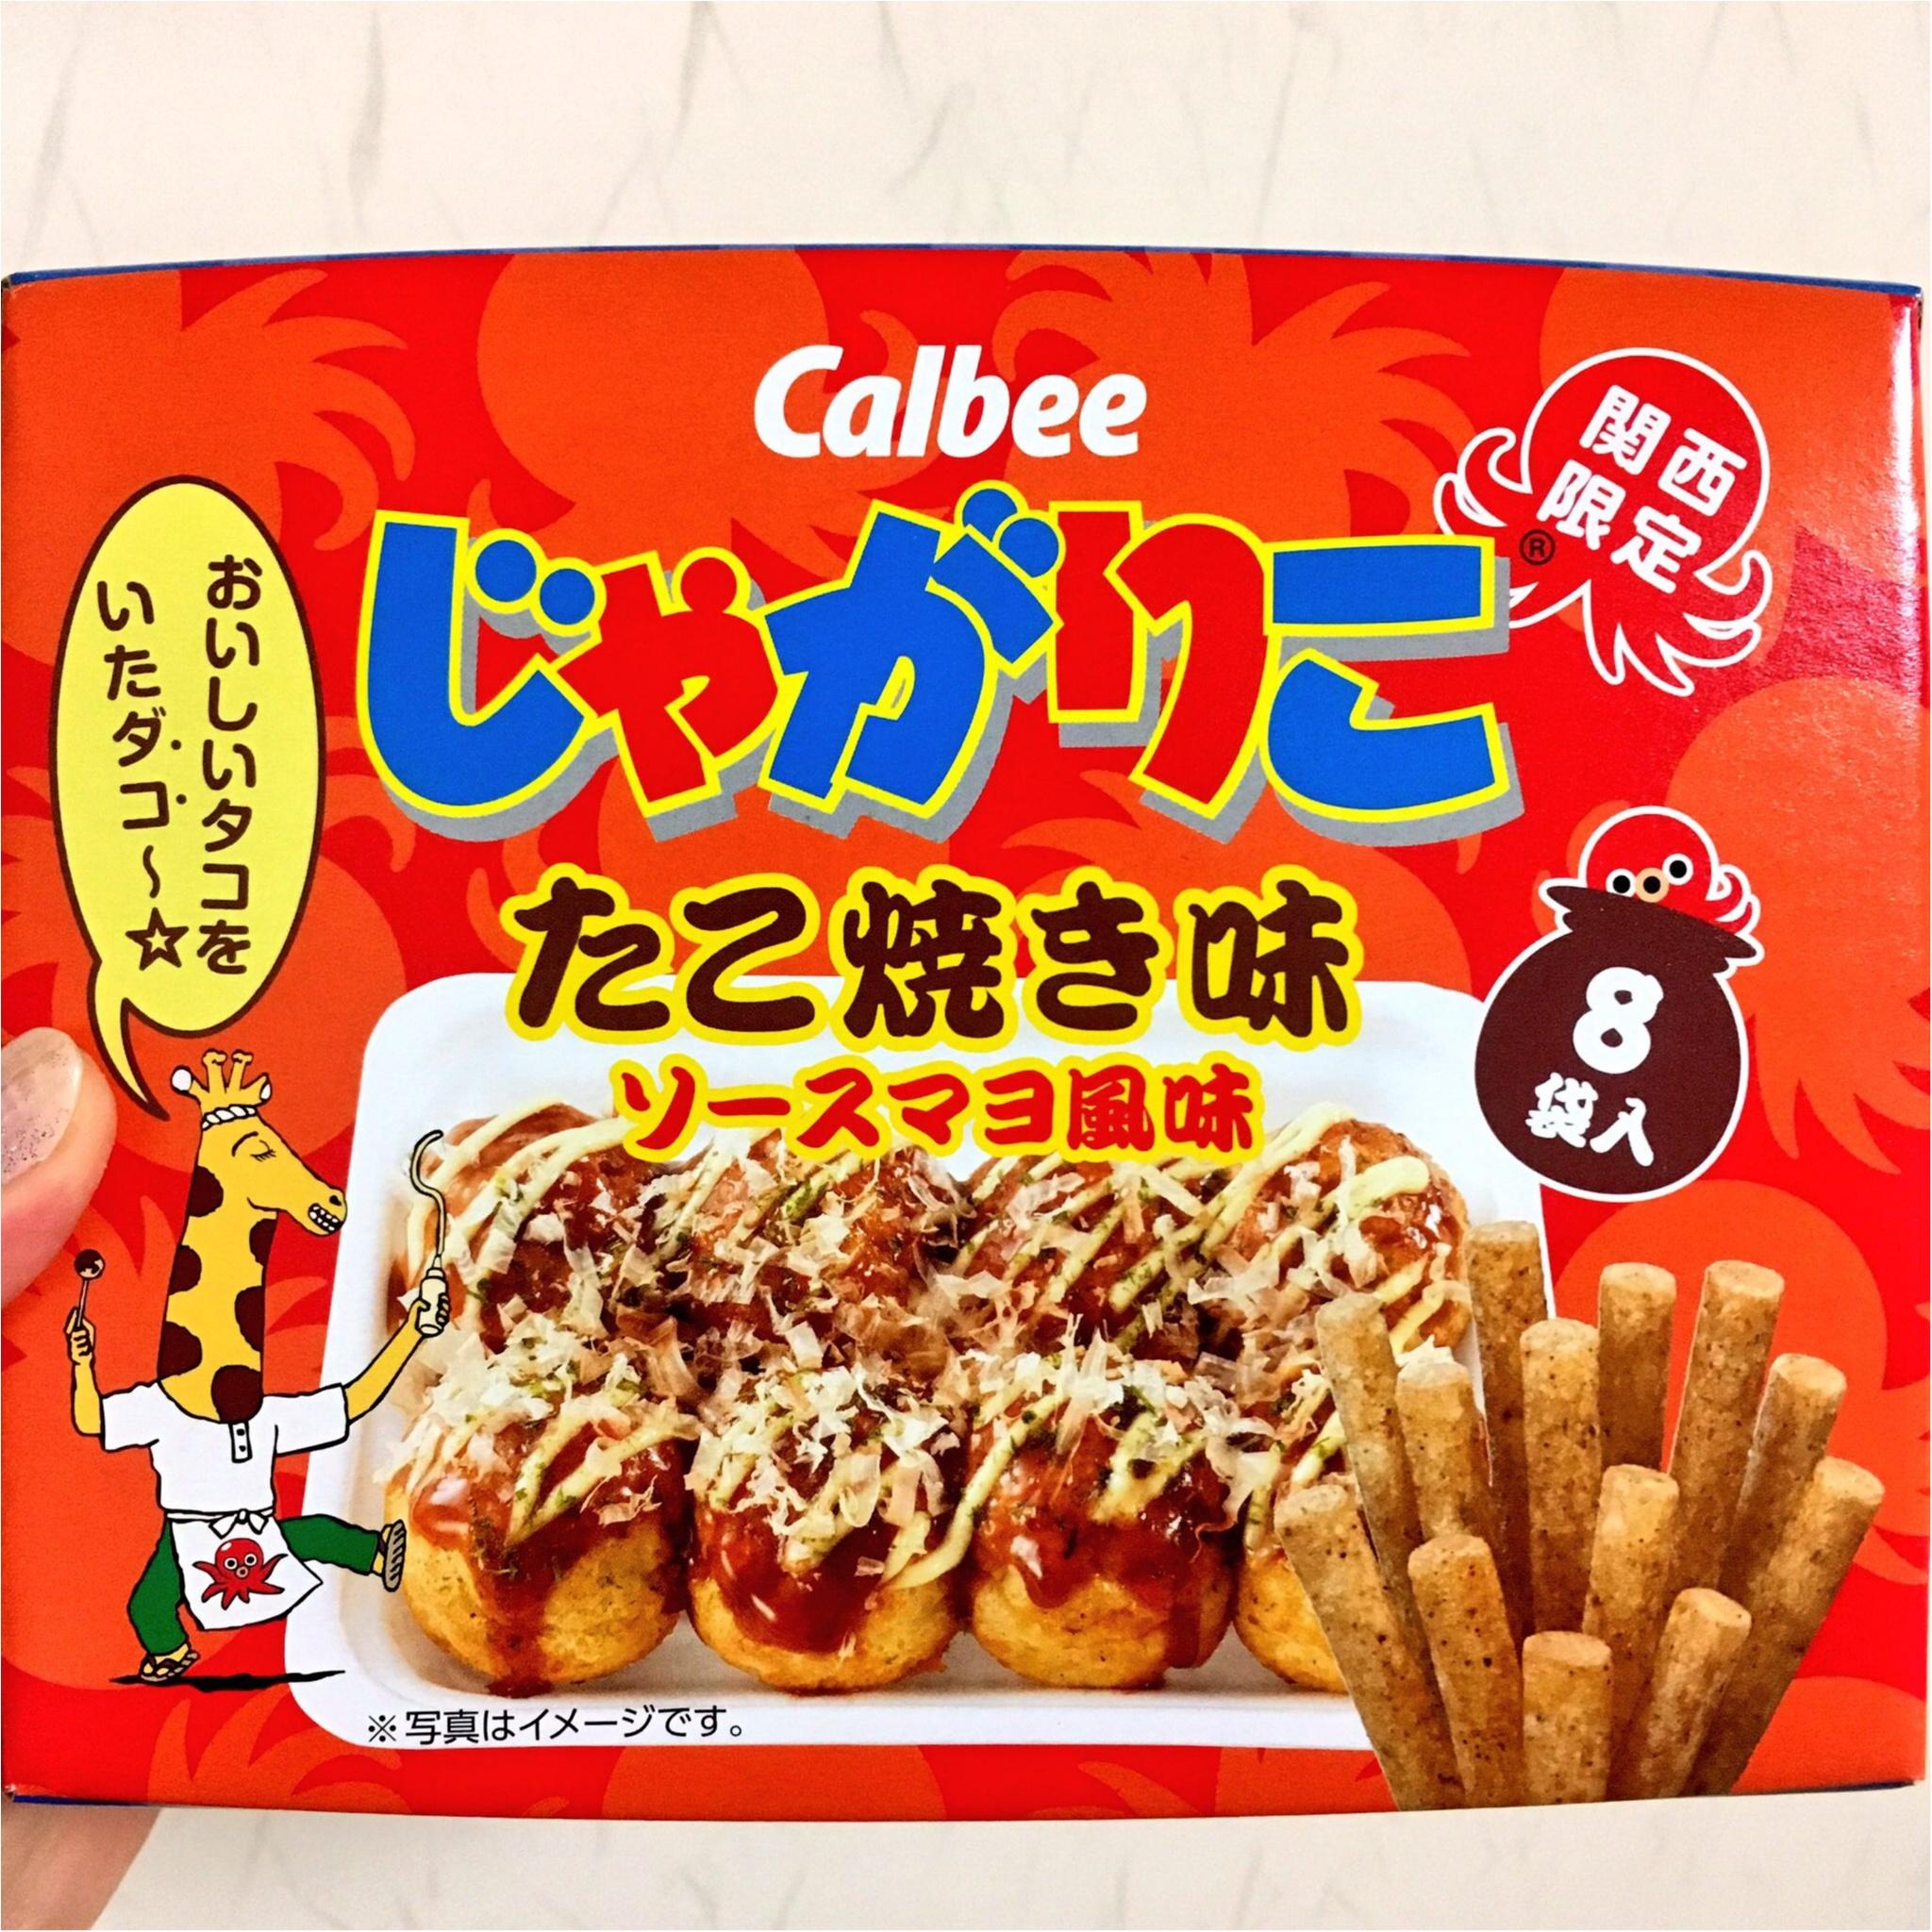 【関西旅行】これを買えばハズレない!♡【食べ物お土産ベスト3】_3